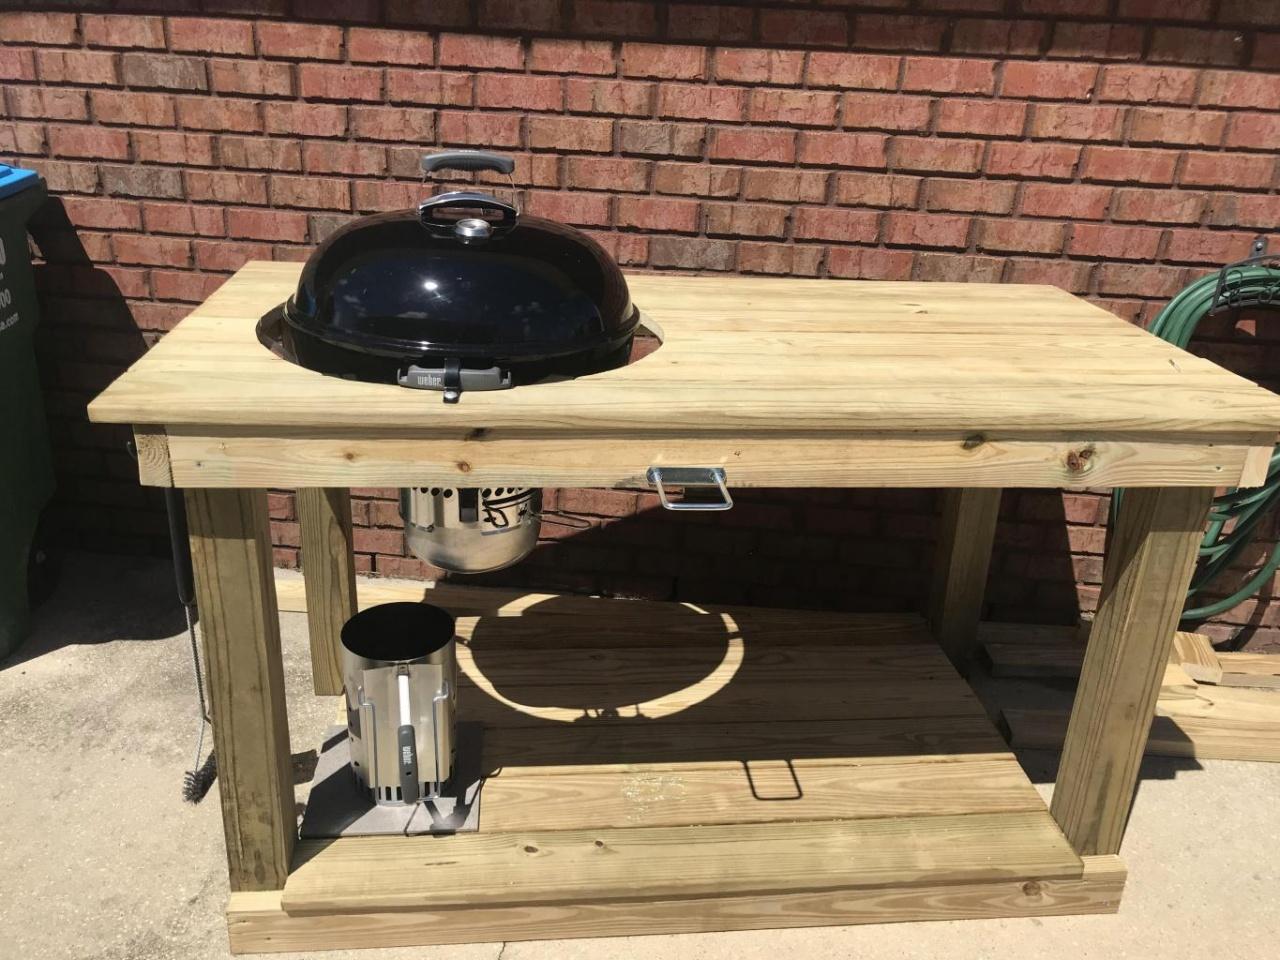 Redneck outdoor kitchen-78dd2907-3835-482b-a311-d1773f5b3eb2_1536531118630-jpg